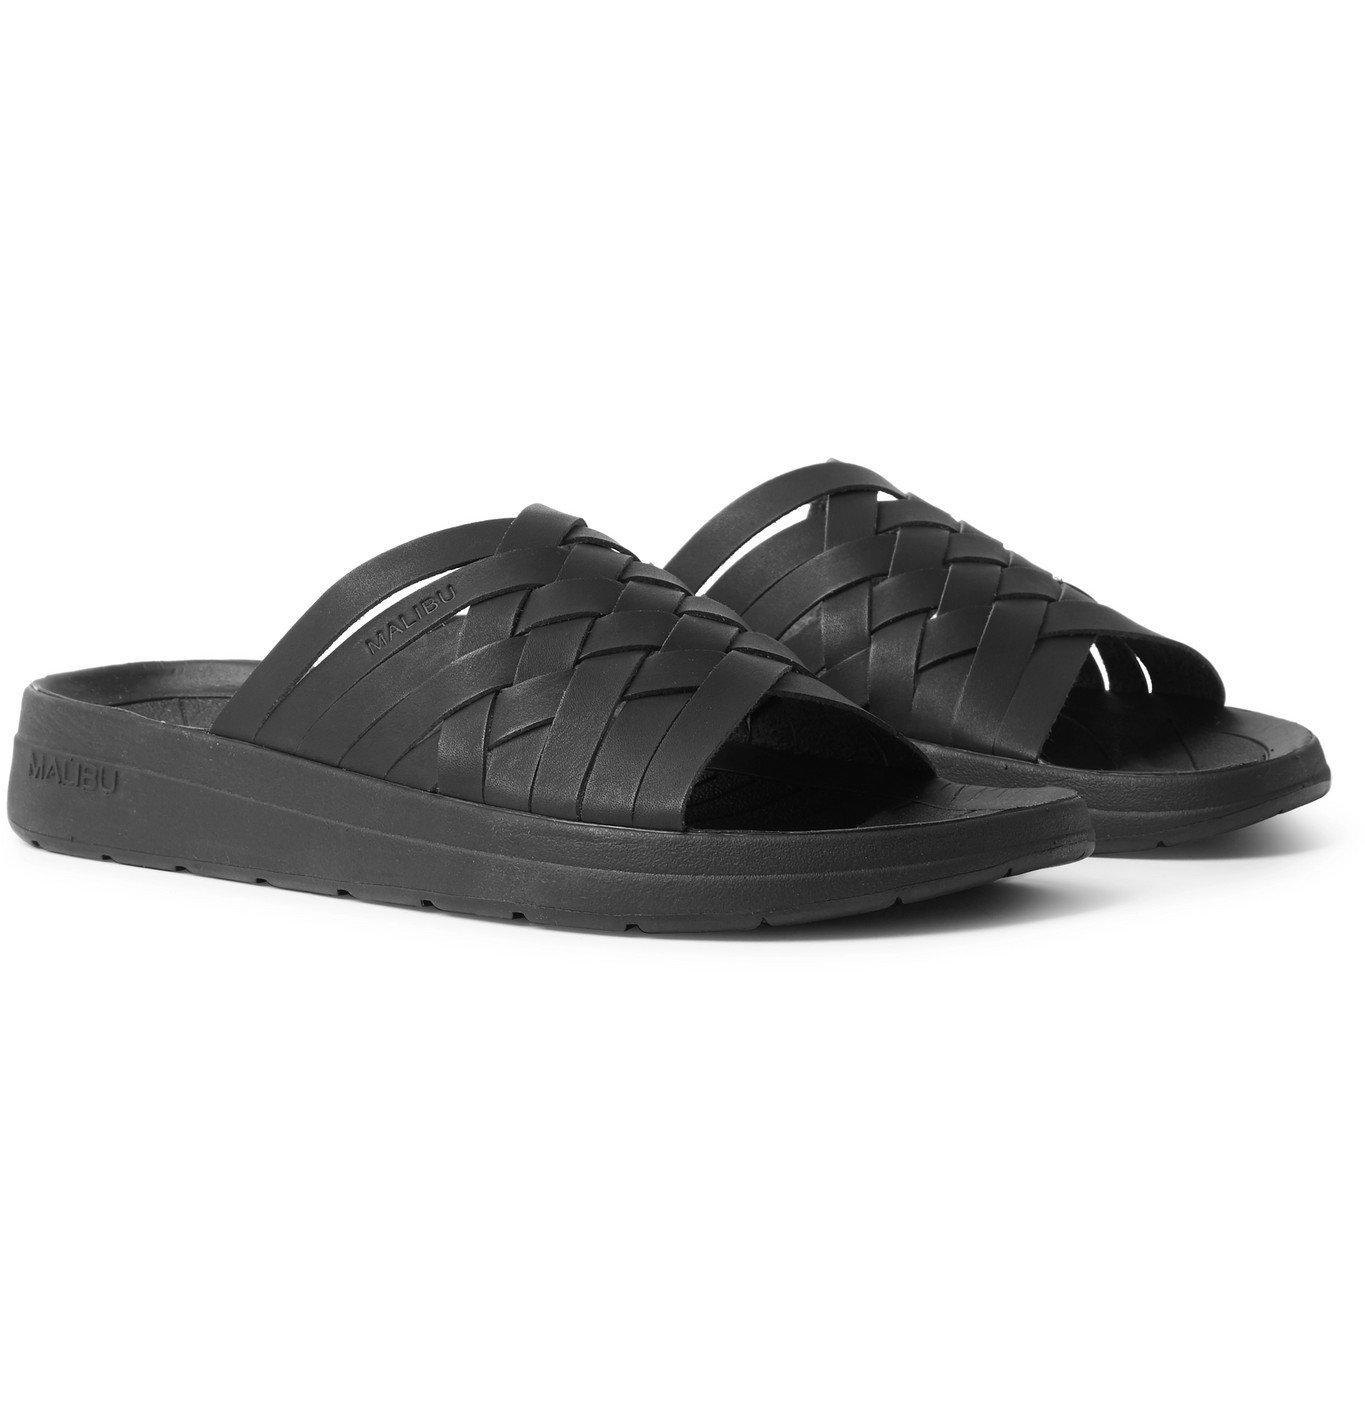 Photo: Malibu - Zuma Woven Faux Leather Slides - Black